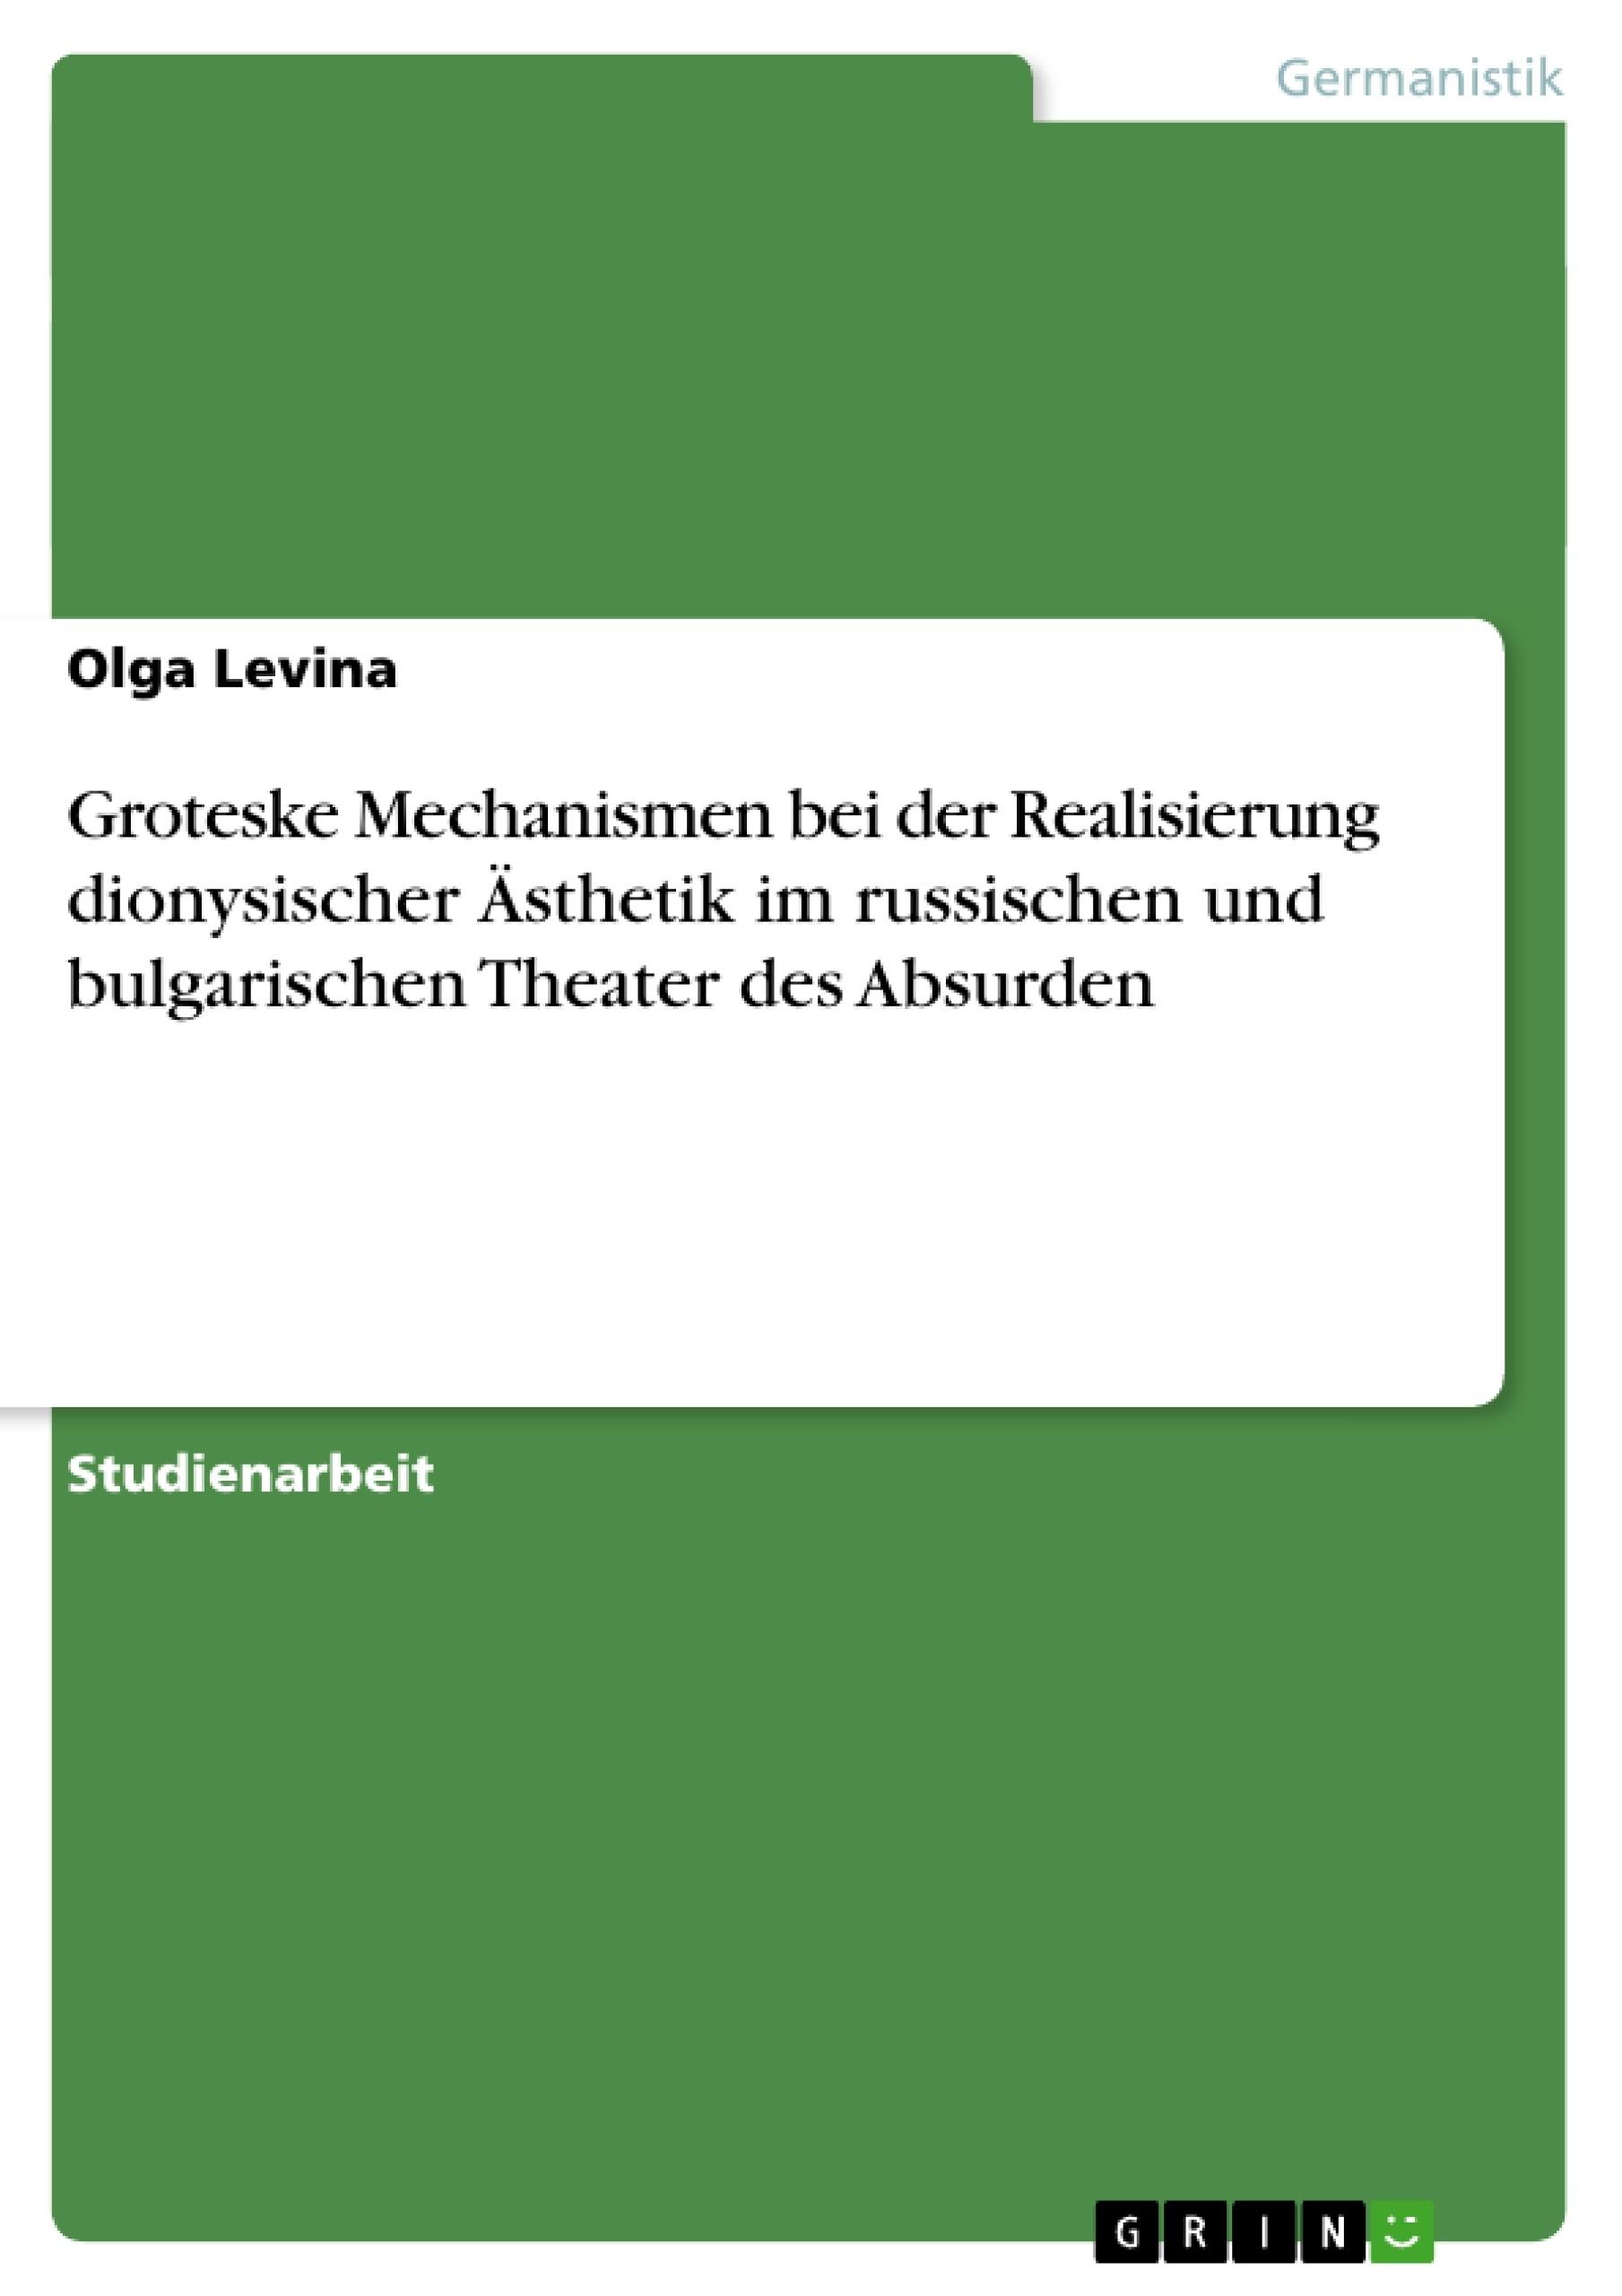 Titel: Groteske Mechanismen bei der Realisierung dionysischer Ästhetik im russischen und bulgarischen Theater des Absurden